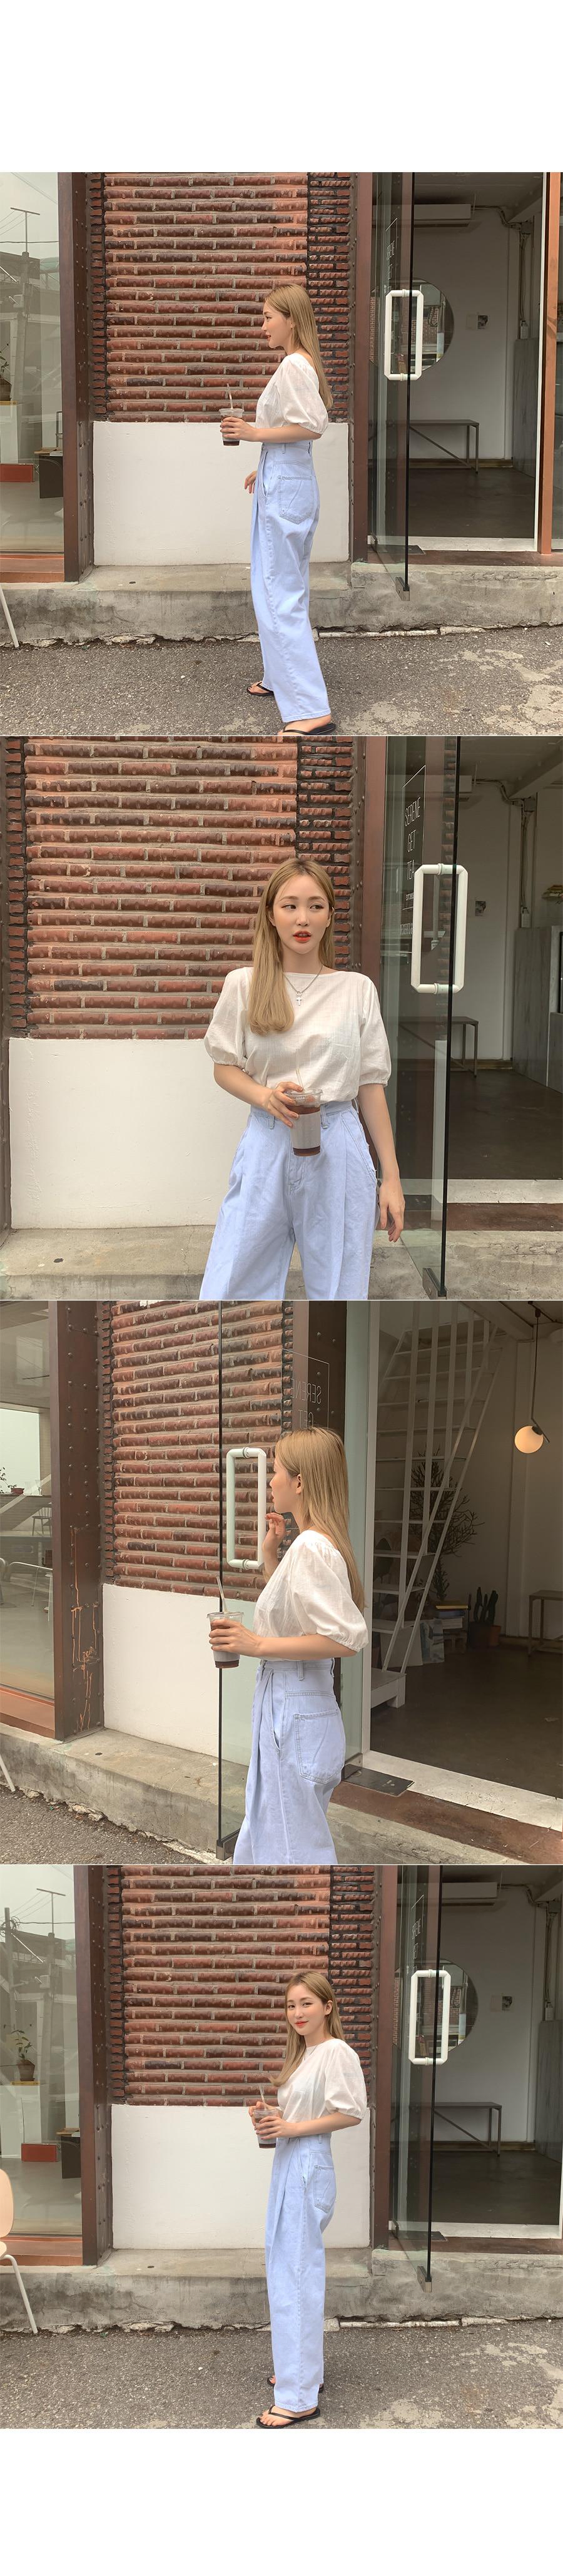 Brushing blouse